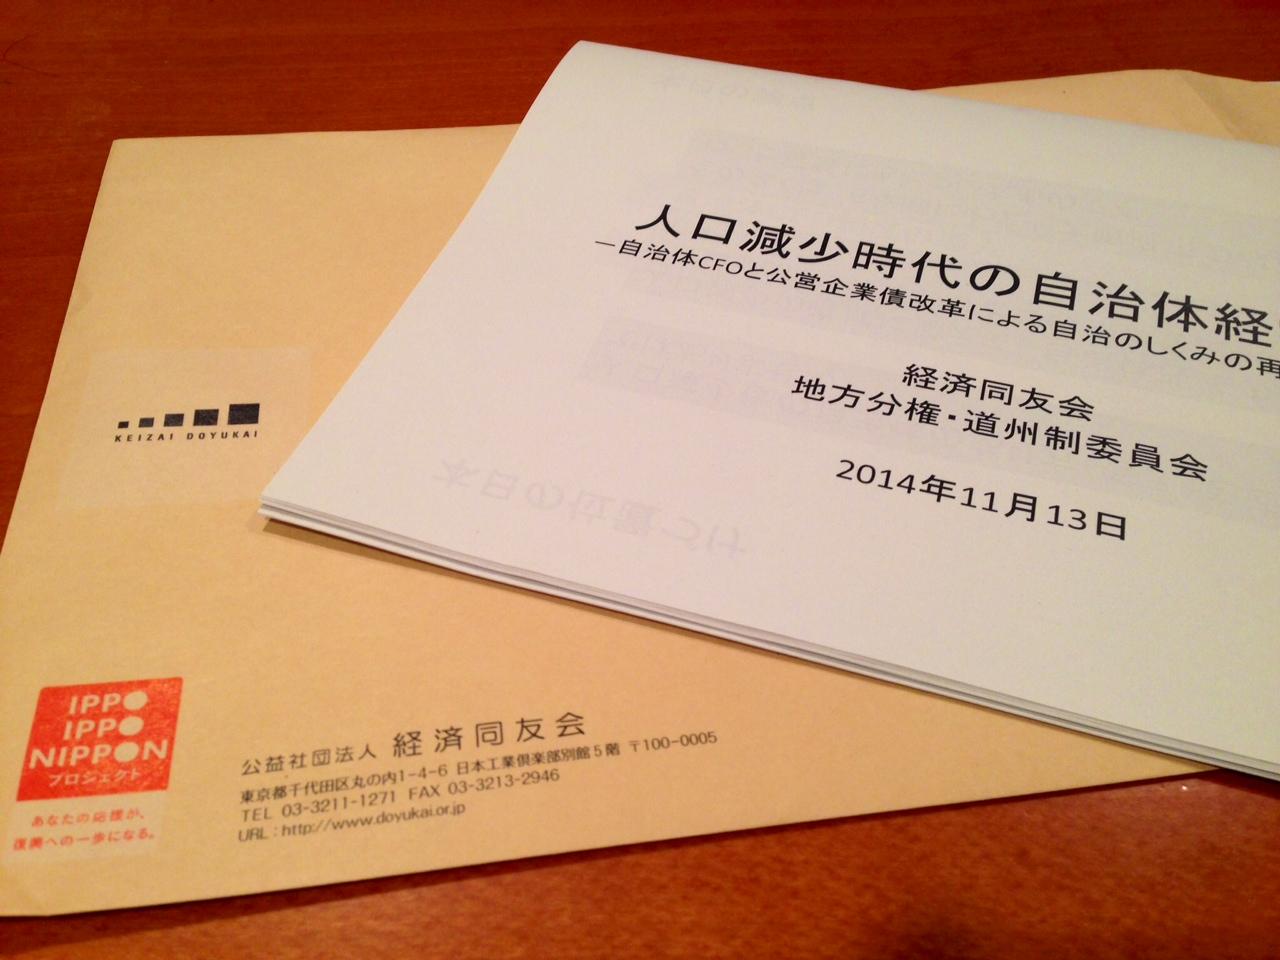 11月13日 経済同友会_a0317236_7135442.jpg